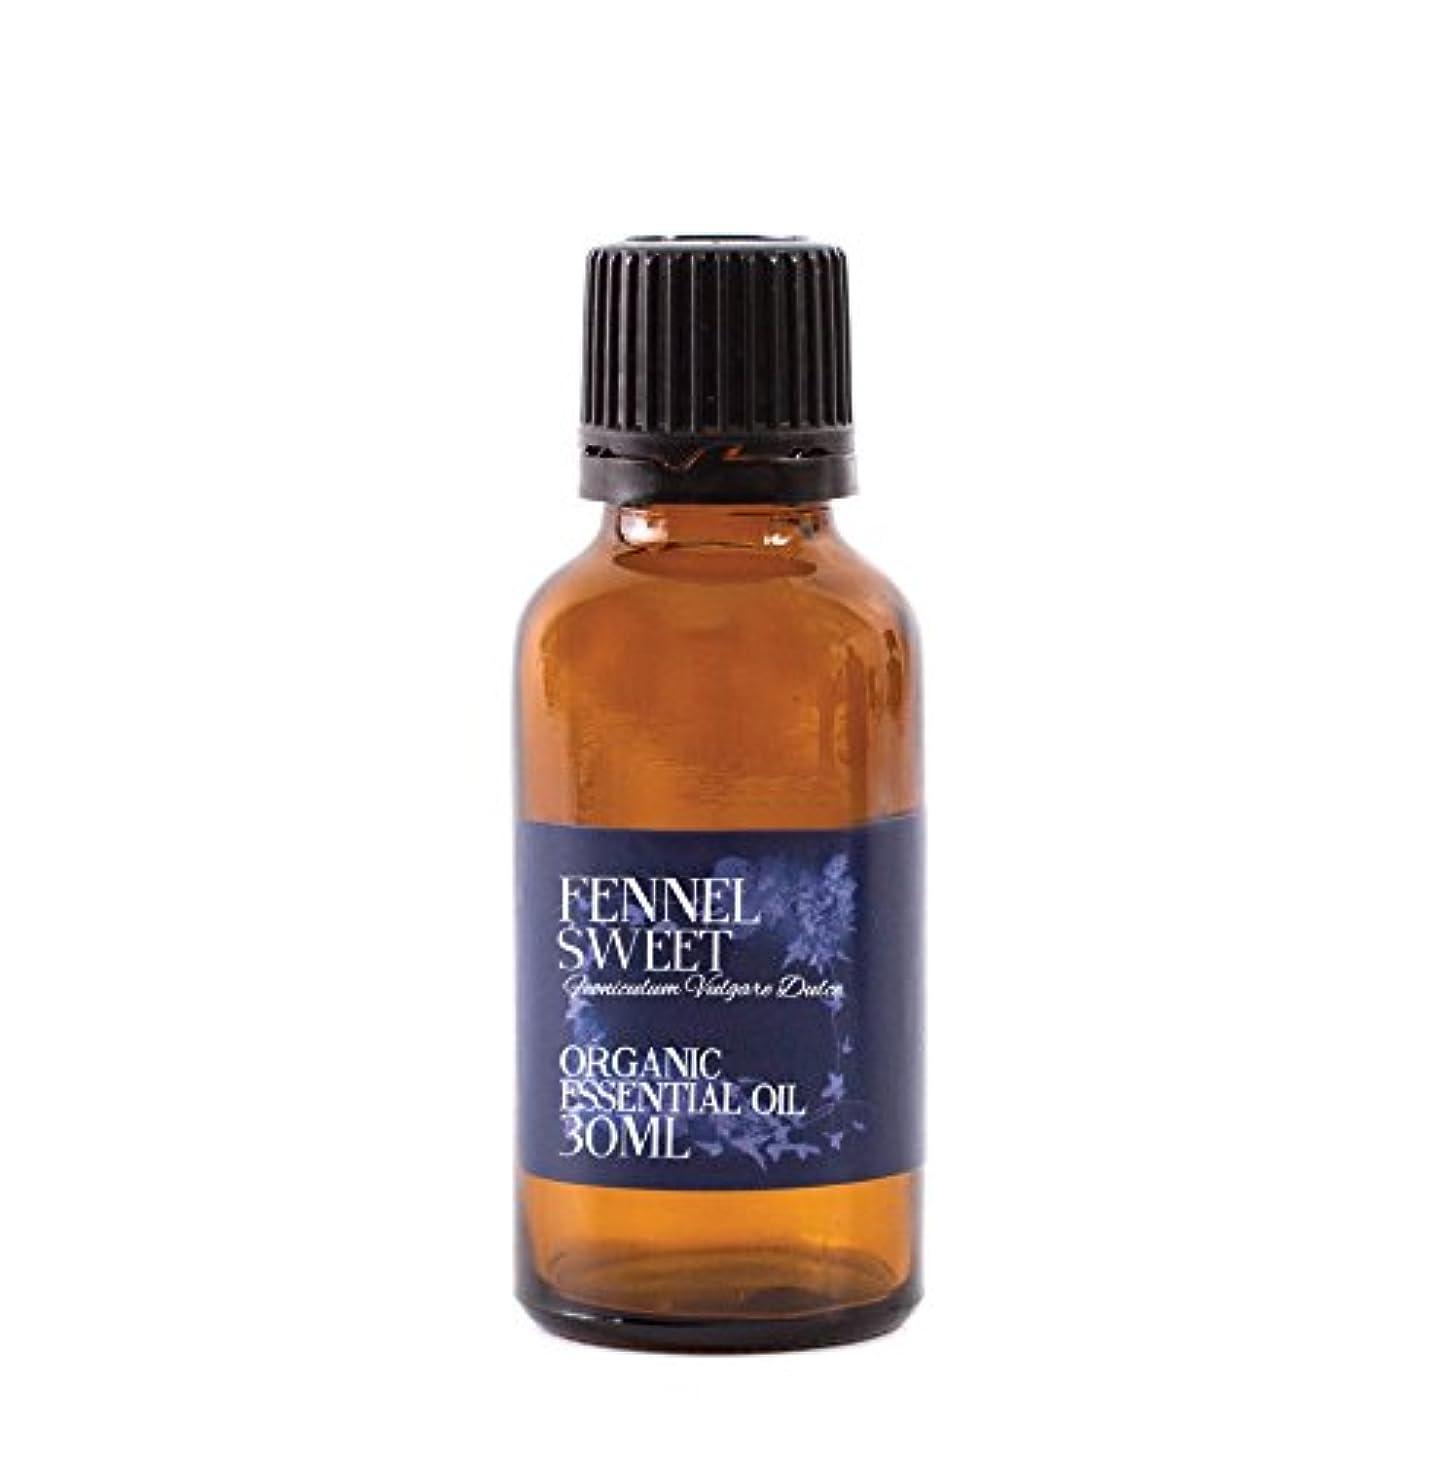 備品ロケット起きてMystic Moments | Fennel Sweet Organic Essential Oil - 30ml - 100% Pure